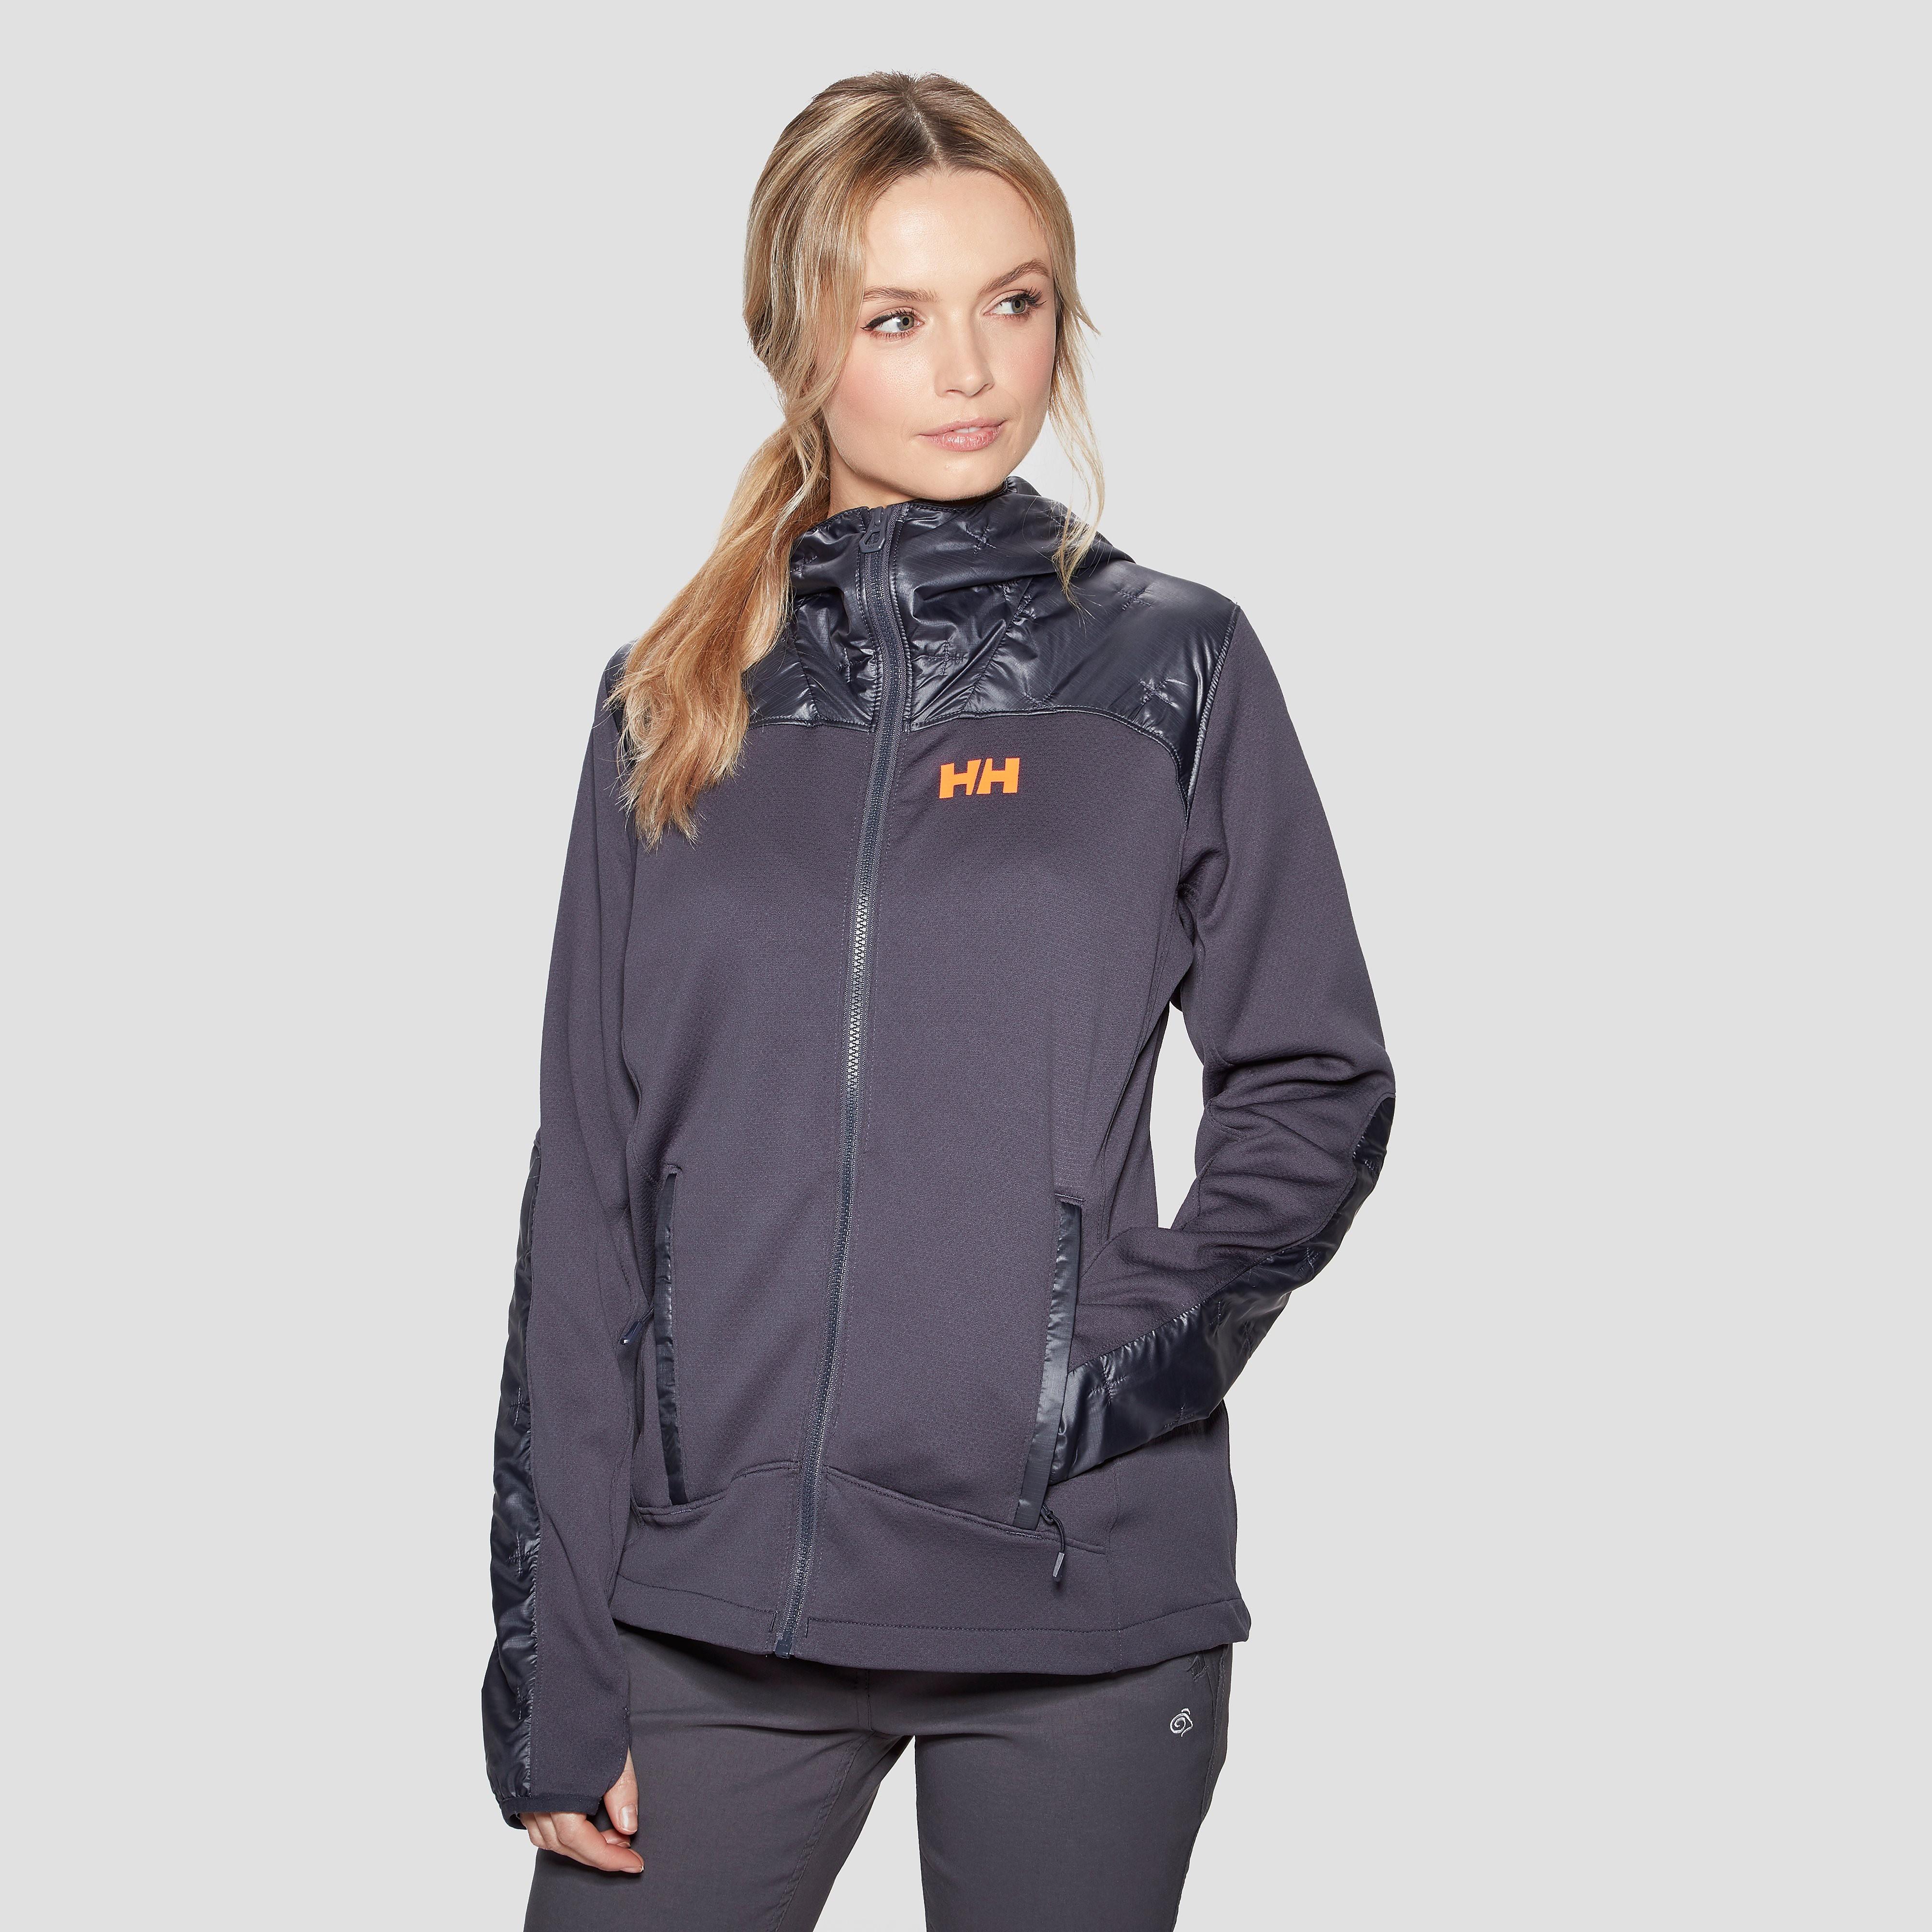 Helly Hansen Ullr Midlayer Women's Jacket